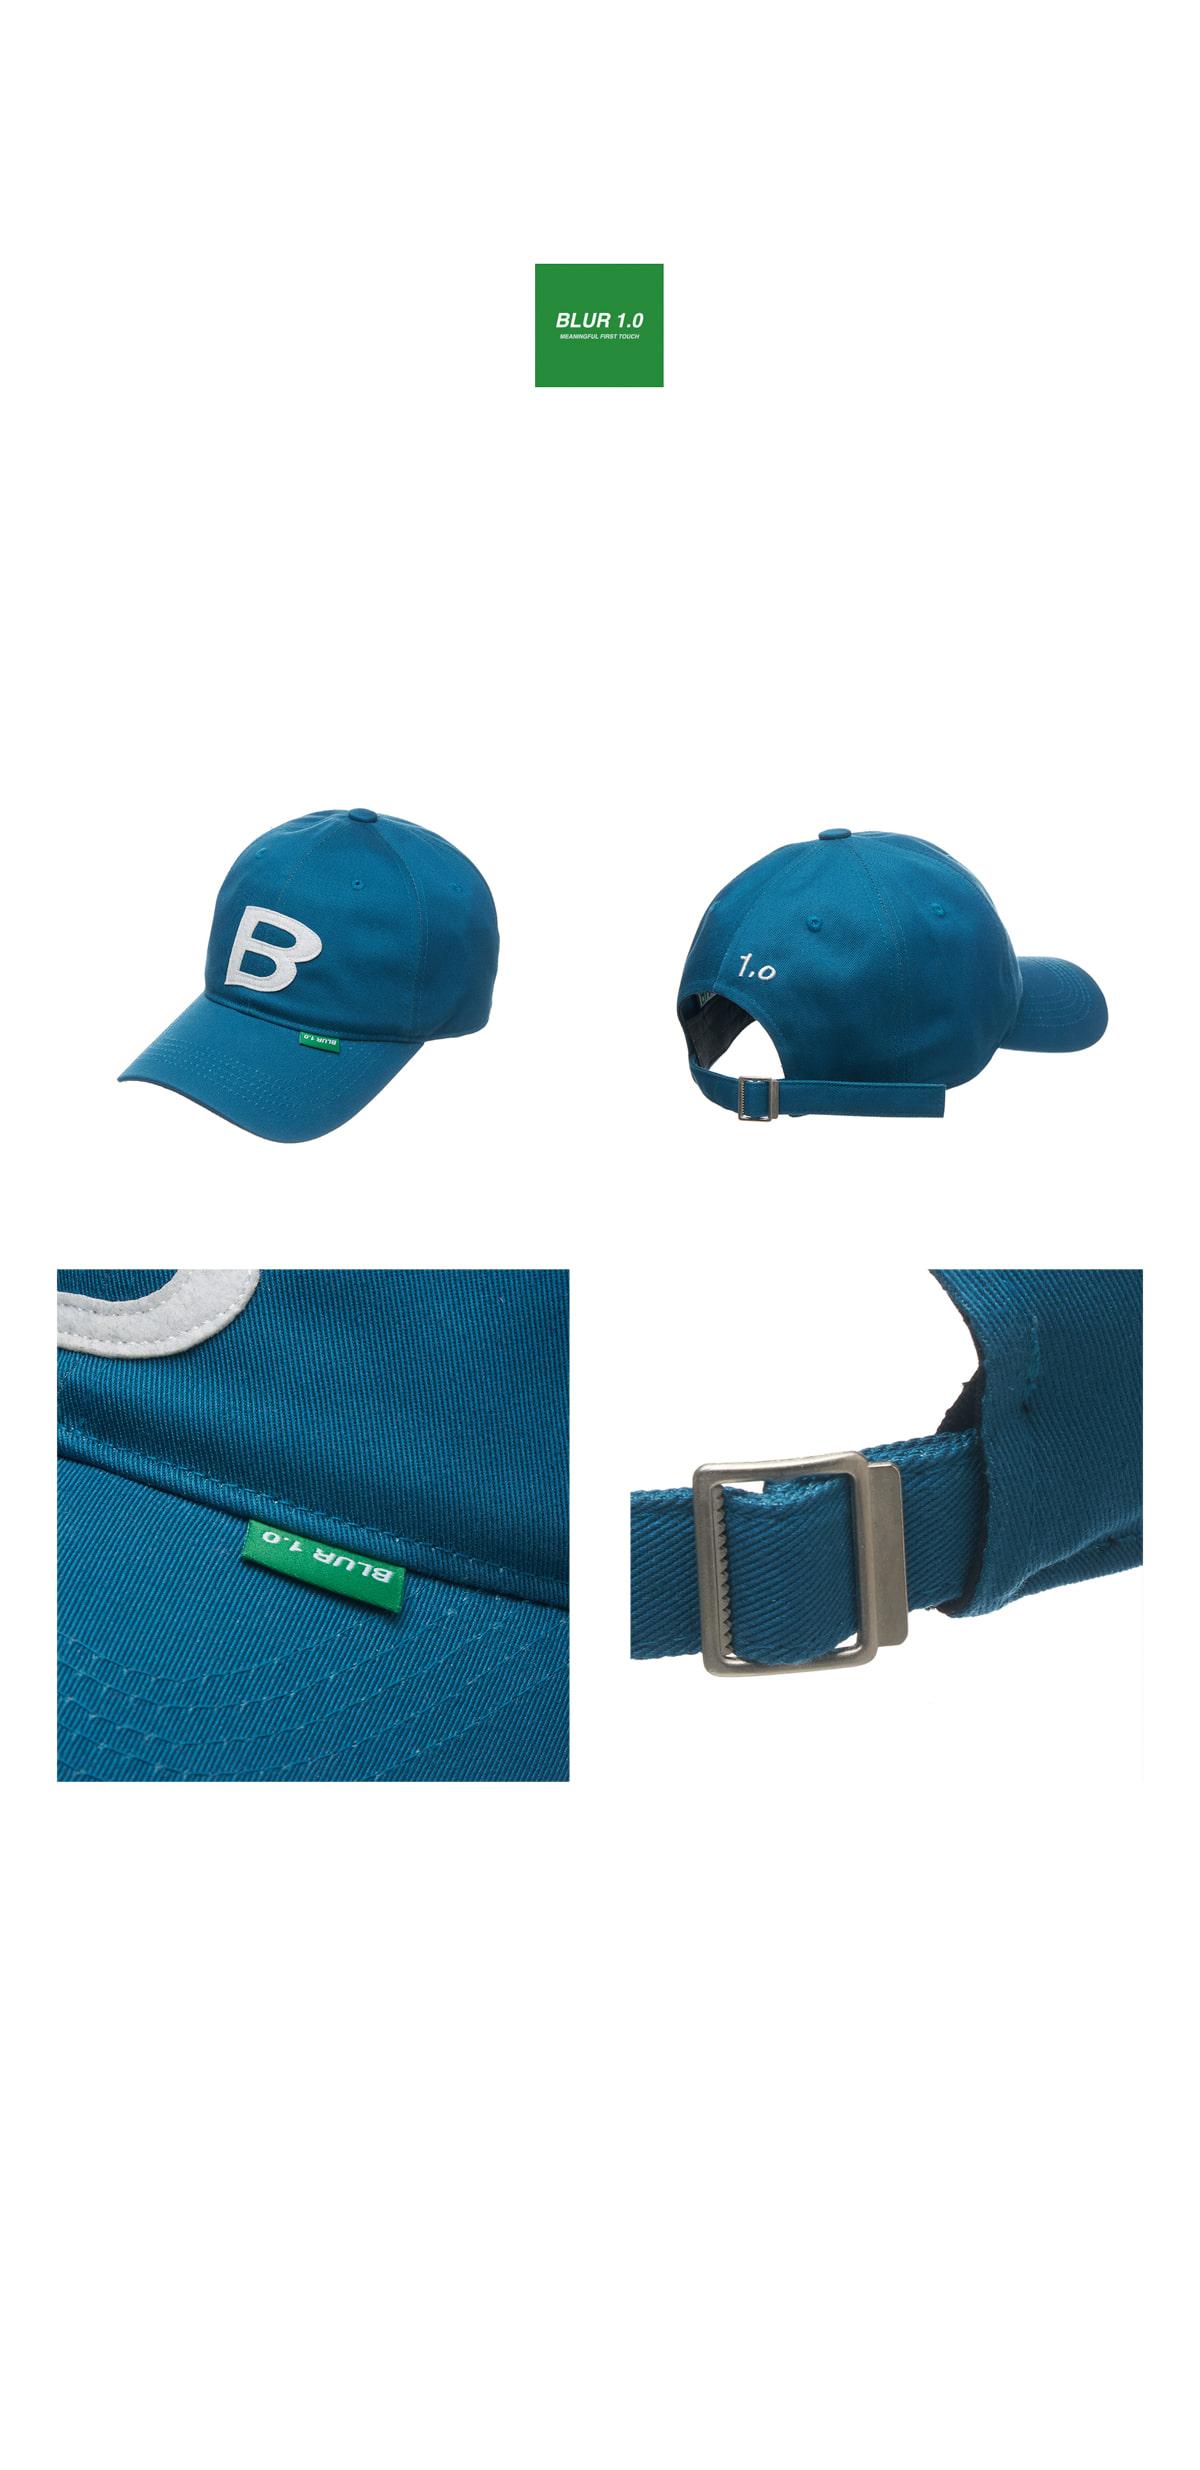 블러1.0(BLUR 1.0) B PATCH CAP_BLUE GREEN